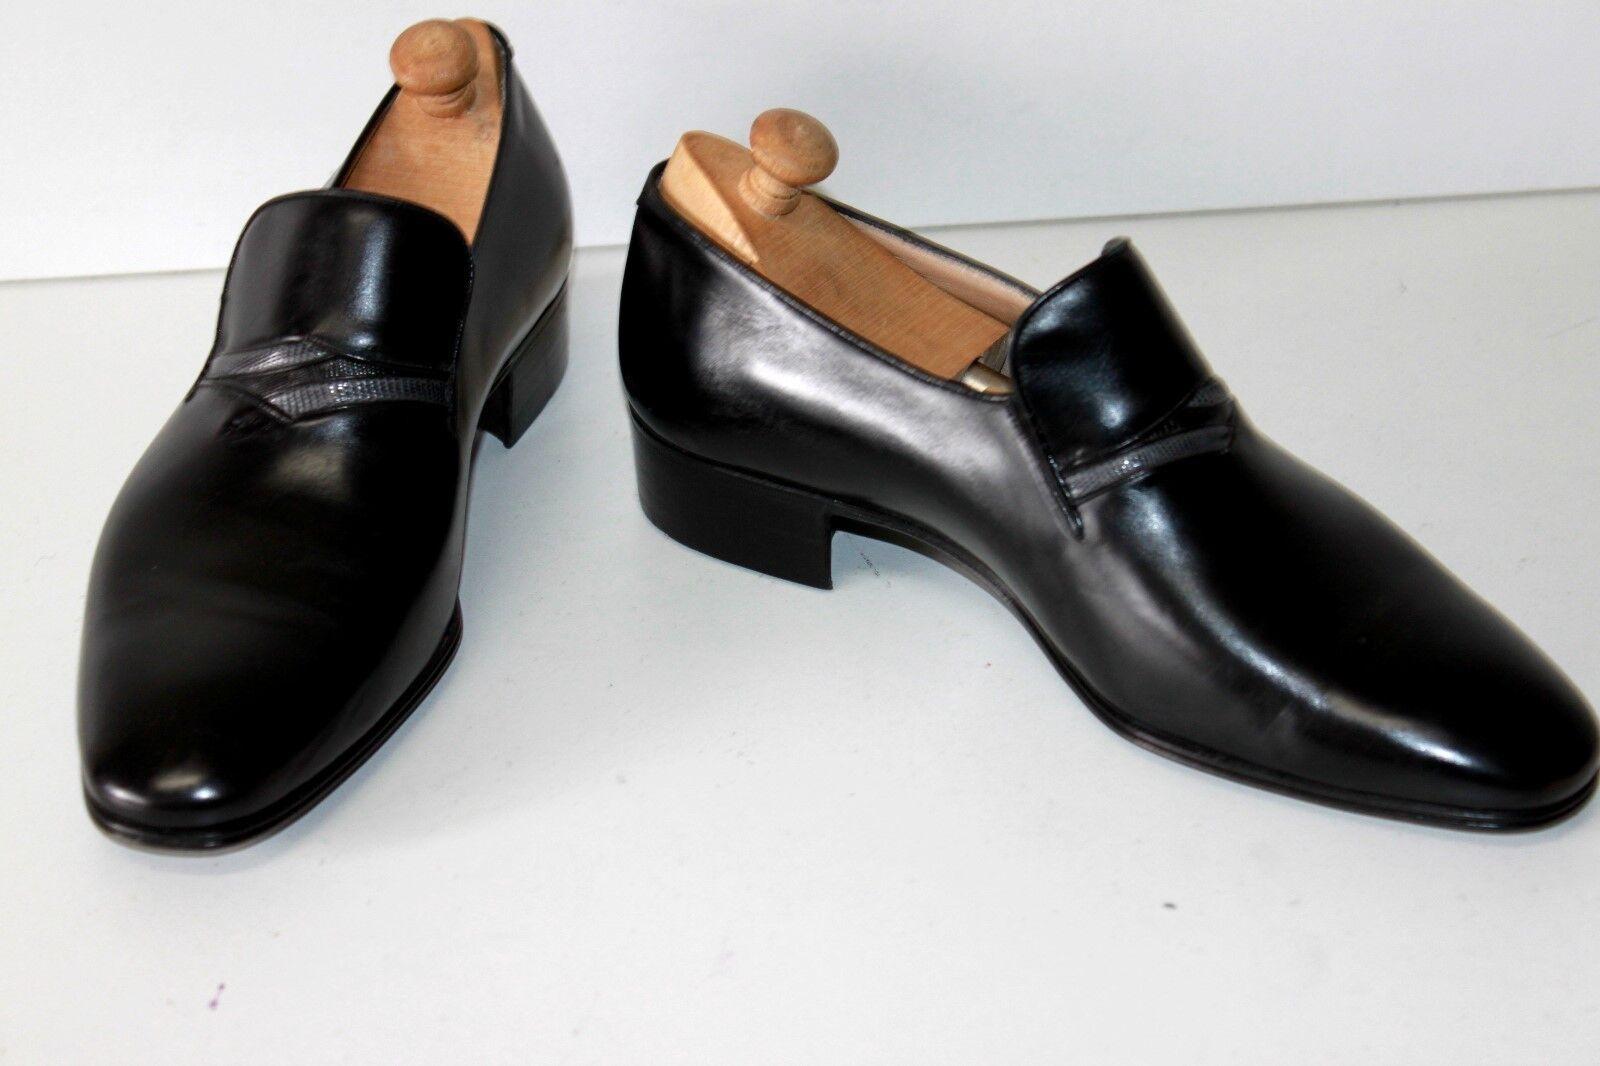 ti renderà soddisfatto BELTRAMI Mocassins Vintage Cuir Lisse nero T 7 7 7   40.5 FR TTBE  in vendita scontato del 70%